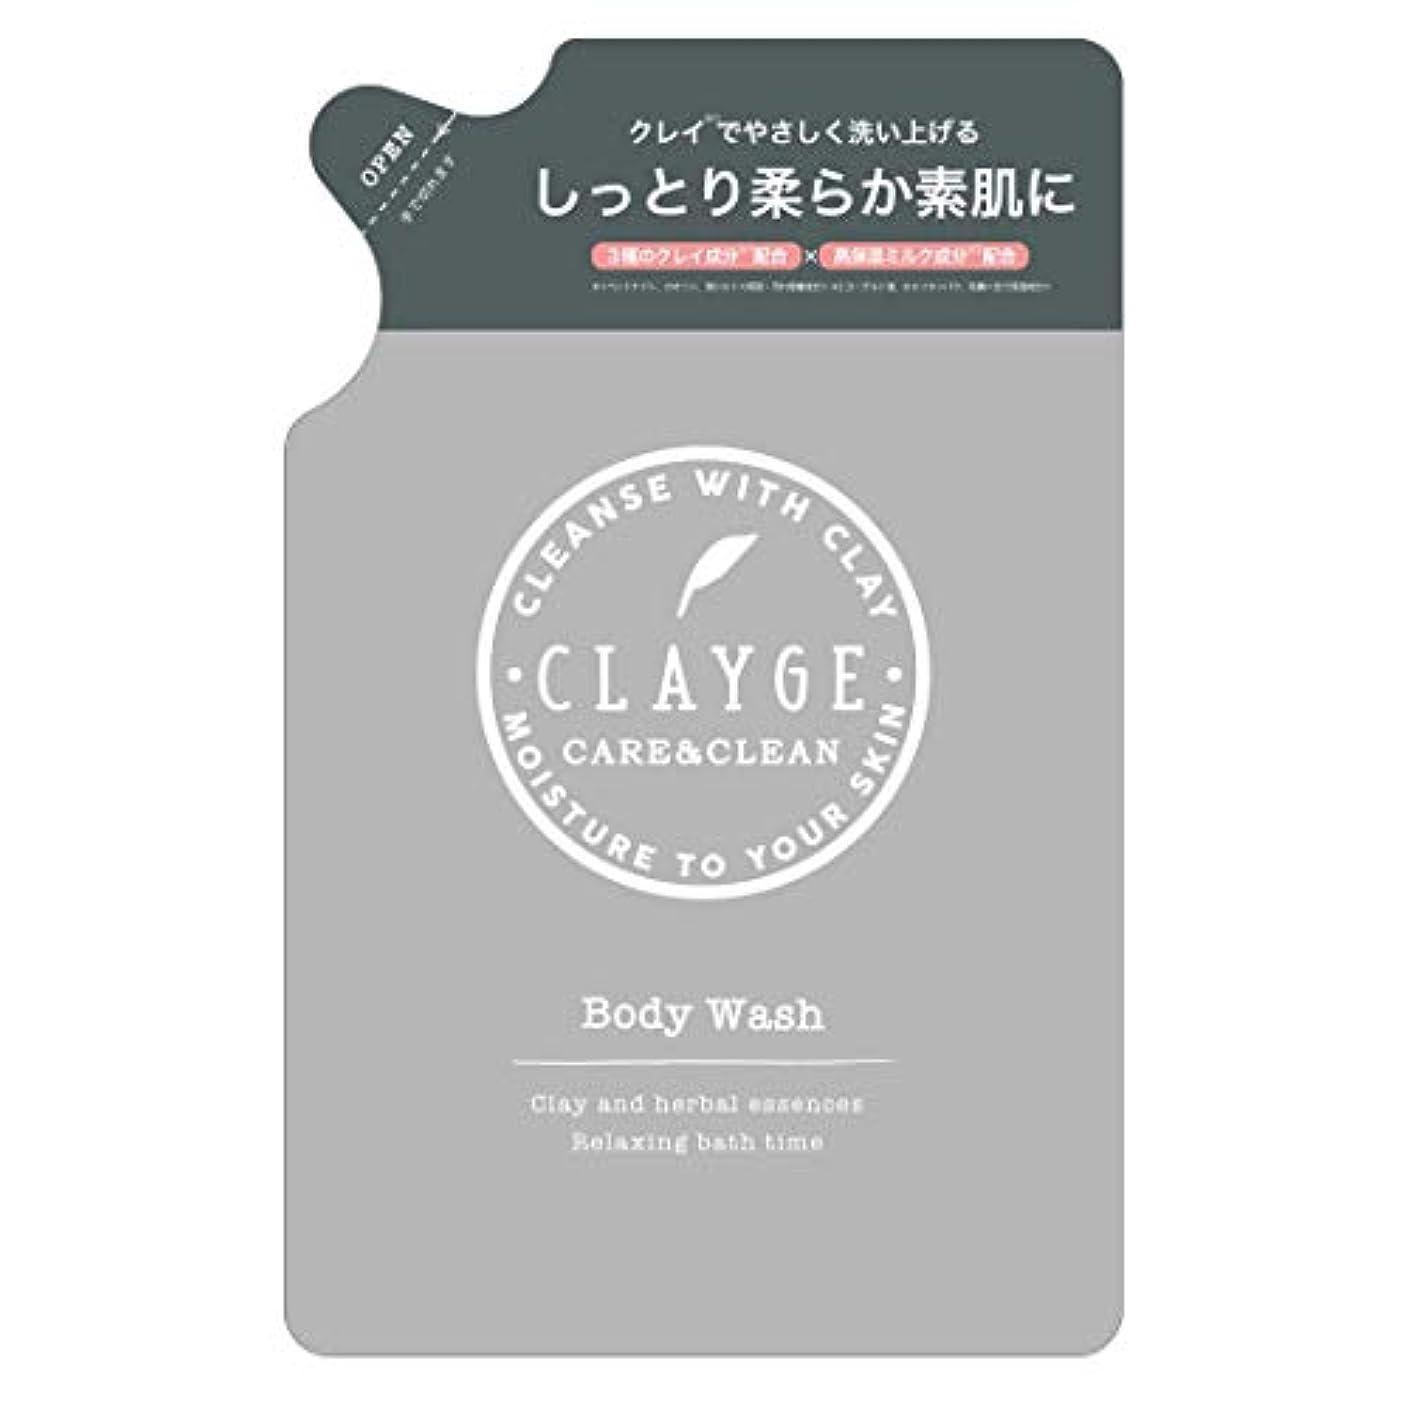 化学薬品癒す士気CLAYGE(クレージュ) ボディウォッシュM詰替え しっとりモイスト